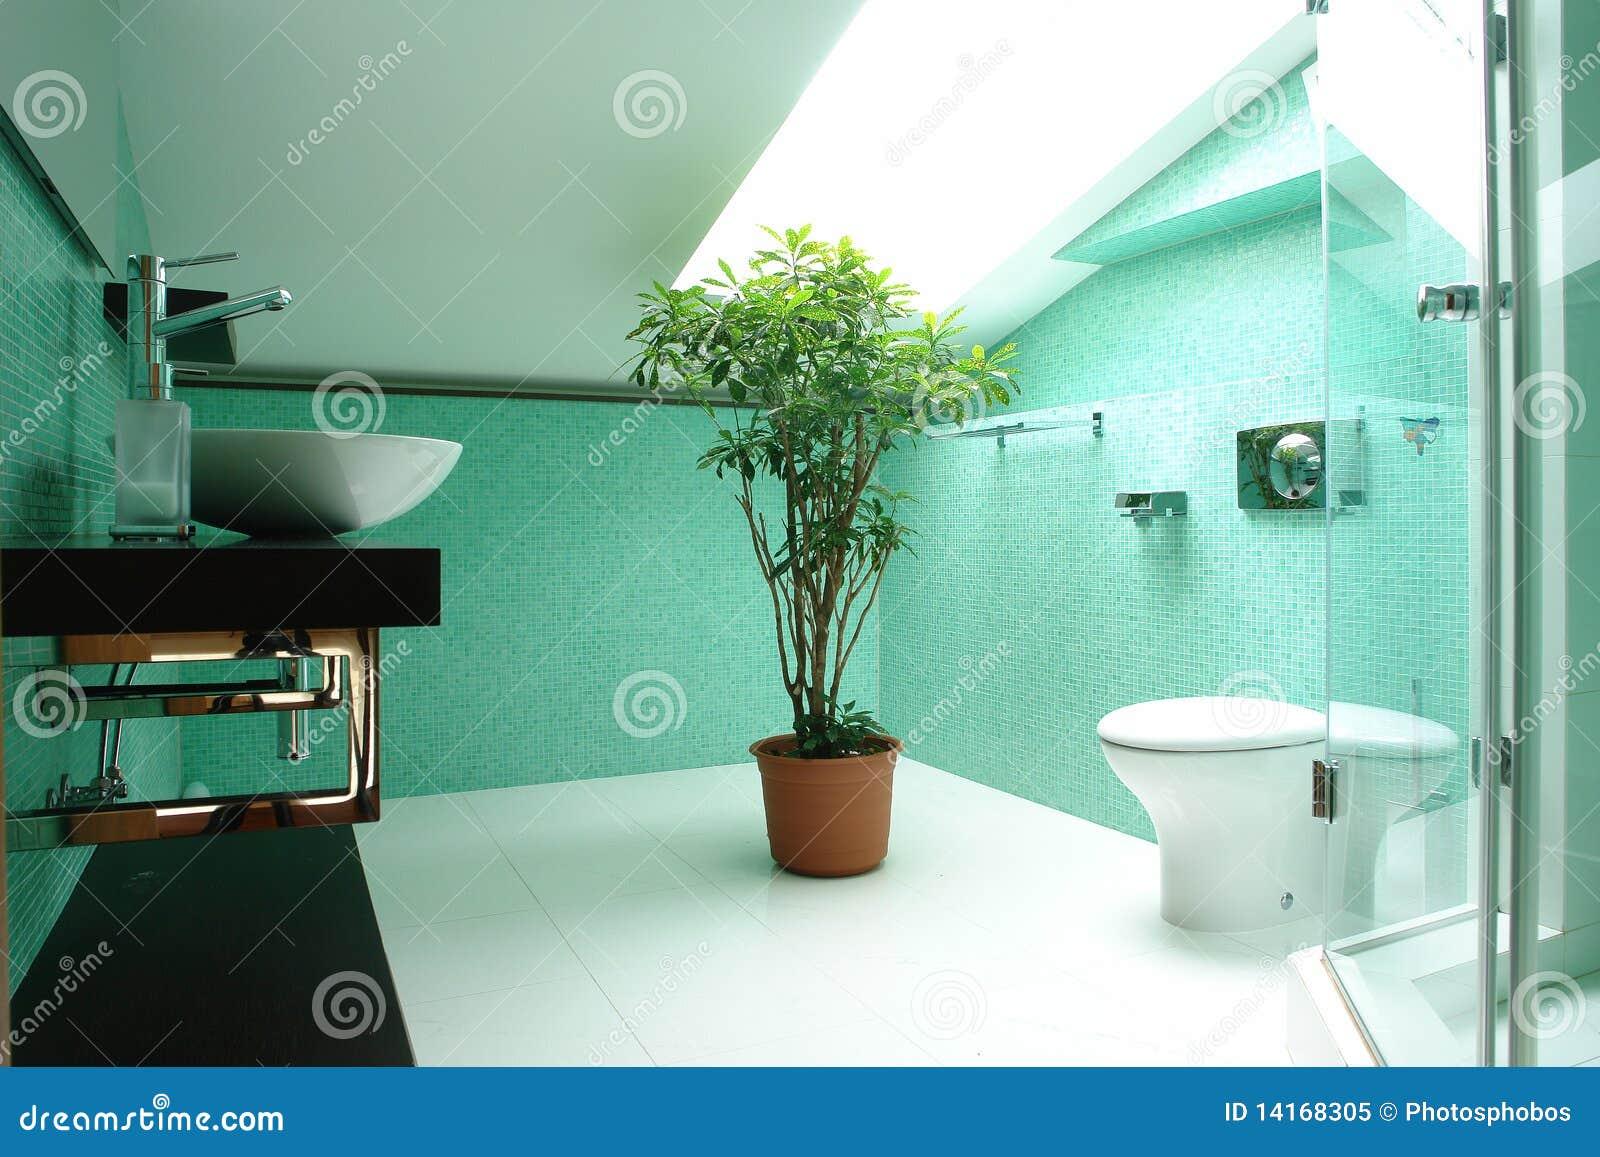 Badezimmer Im Dachboden Stockbild Bild Von Klassisch 14168305